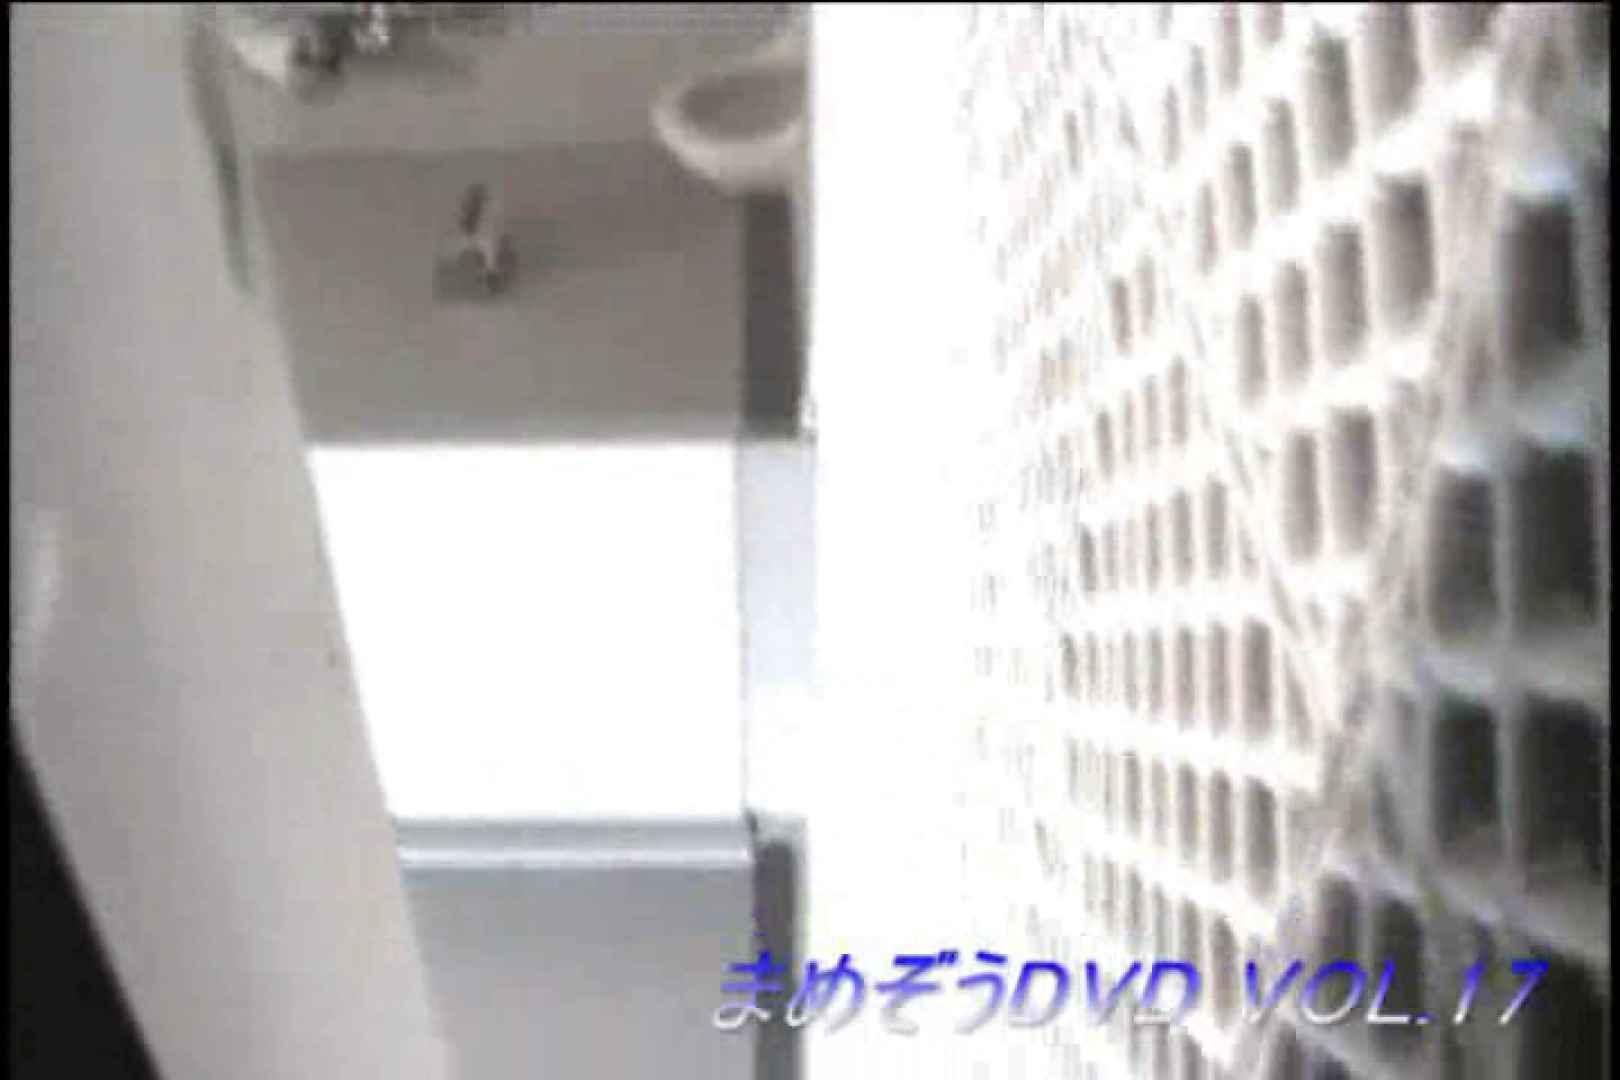 まめぞうDVD完全版VOL.17 洗面所 | ギャル攻め  94画像 5